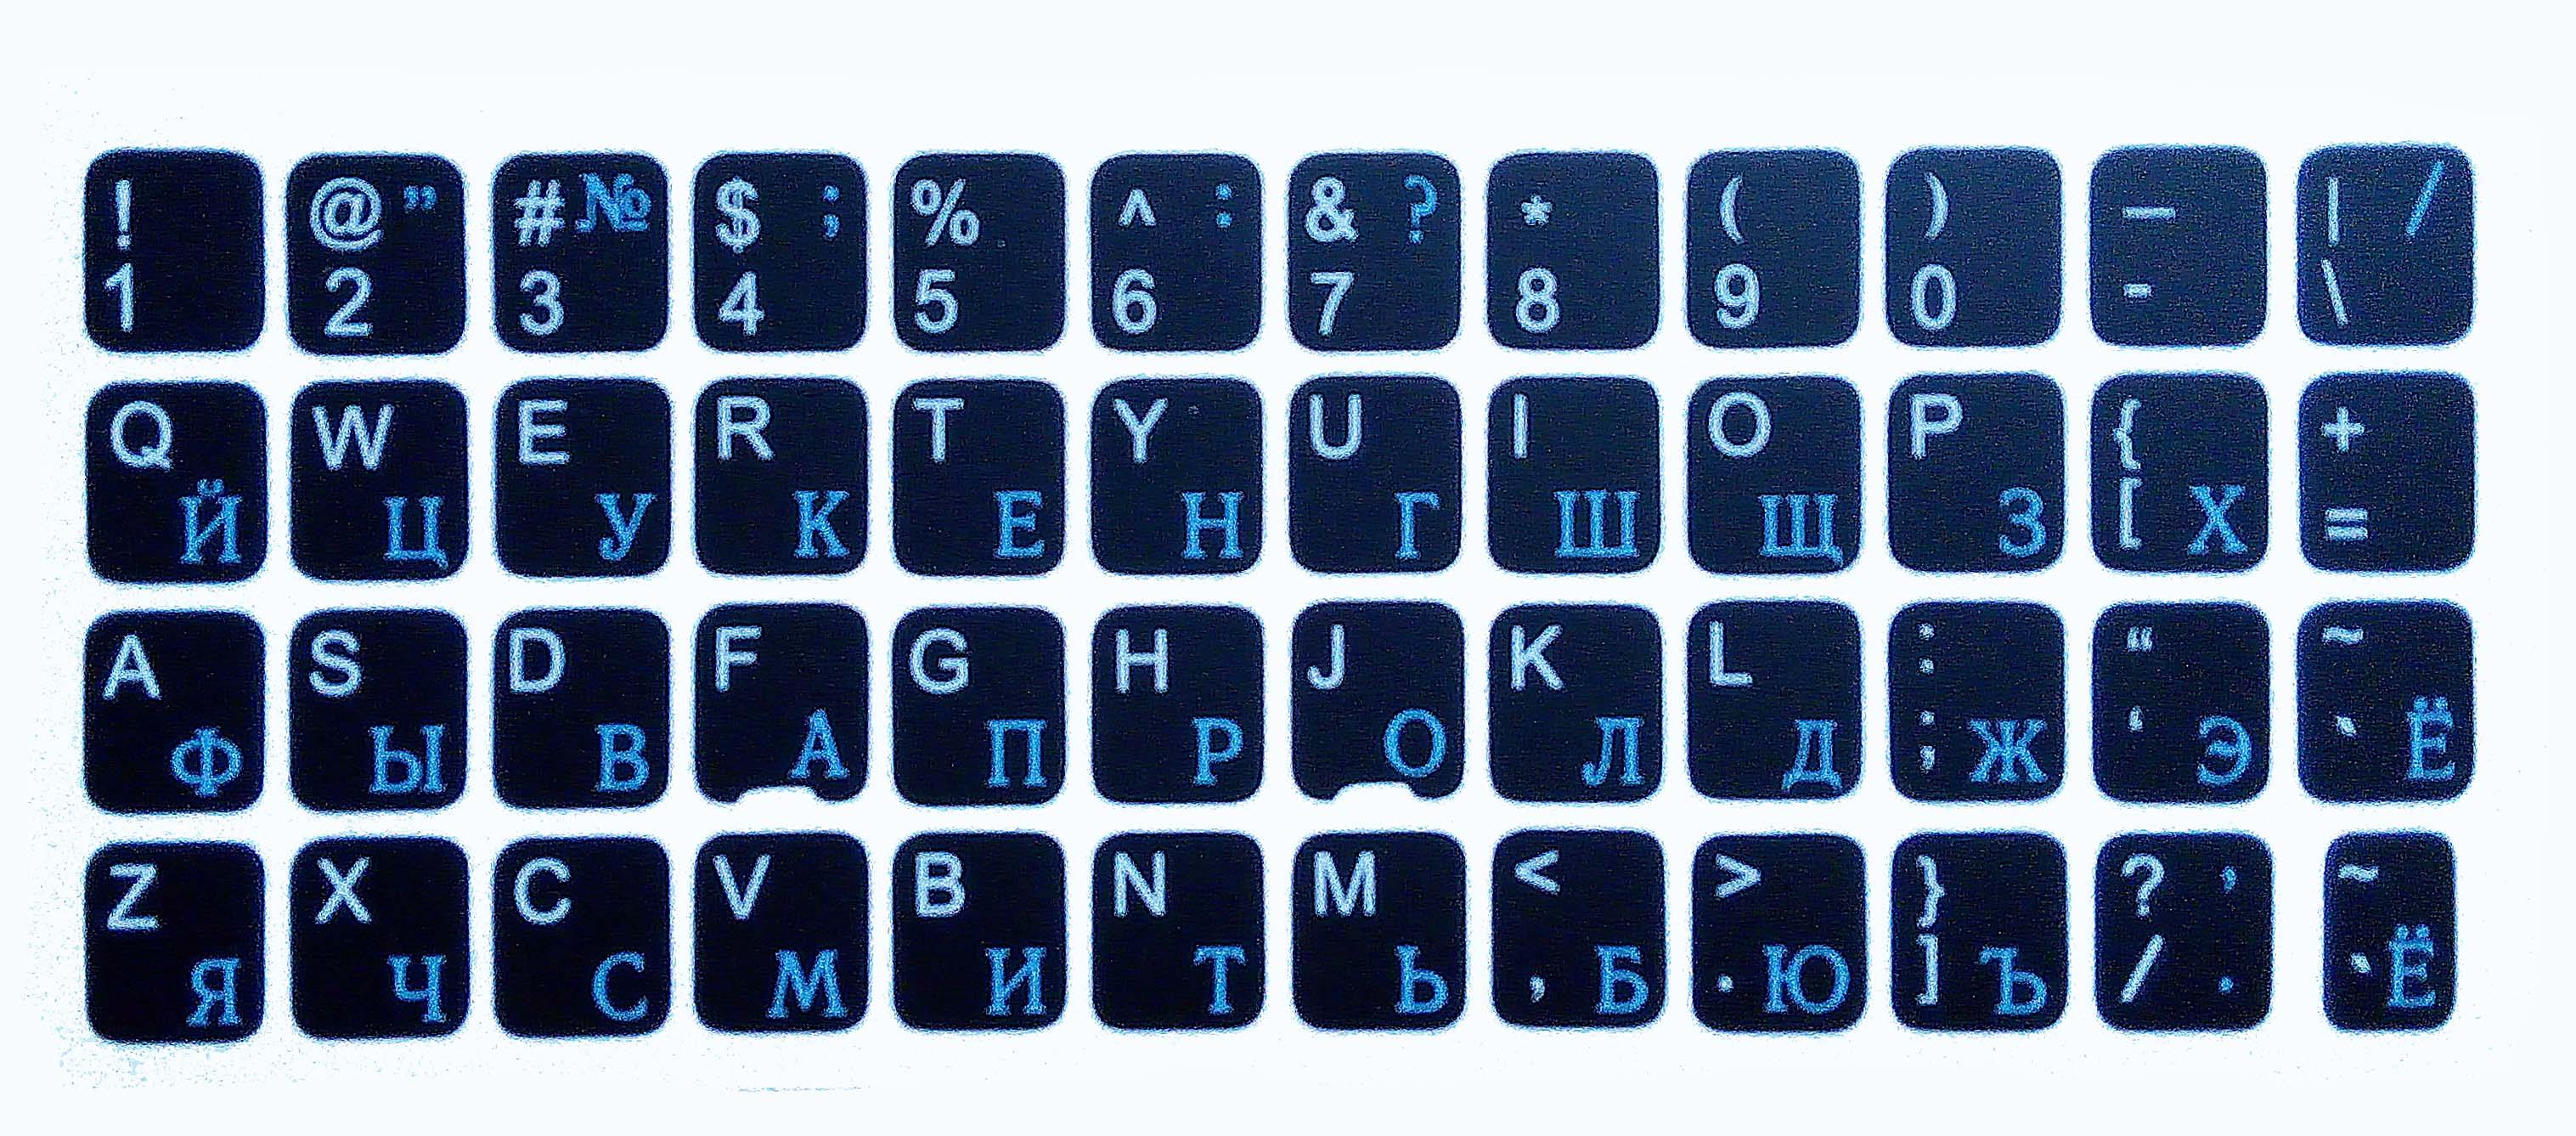 Буквы на клавиатуре